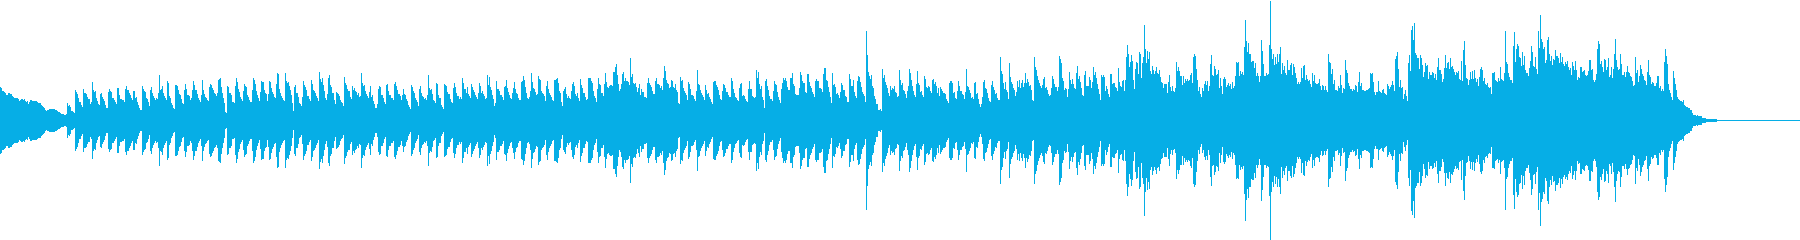 元気をもらえる曲ですの再生済みの波形